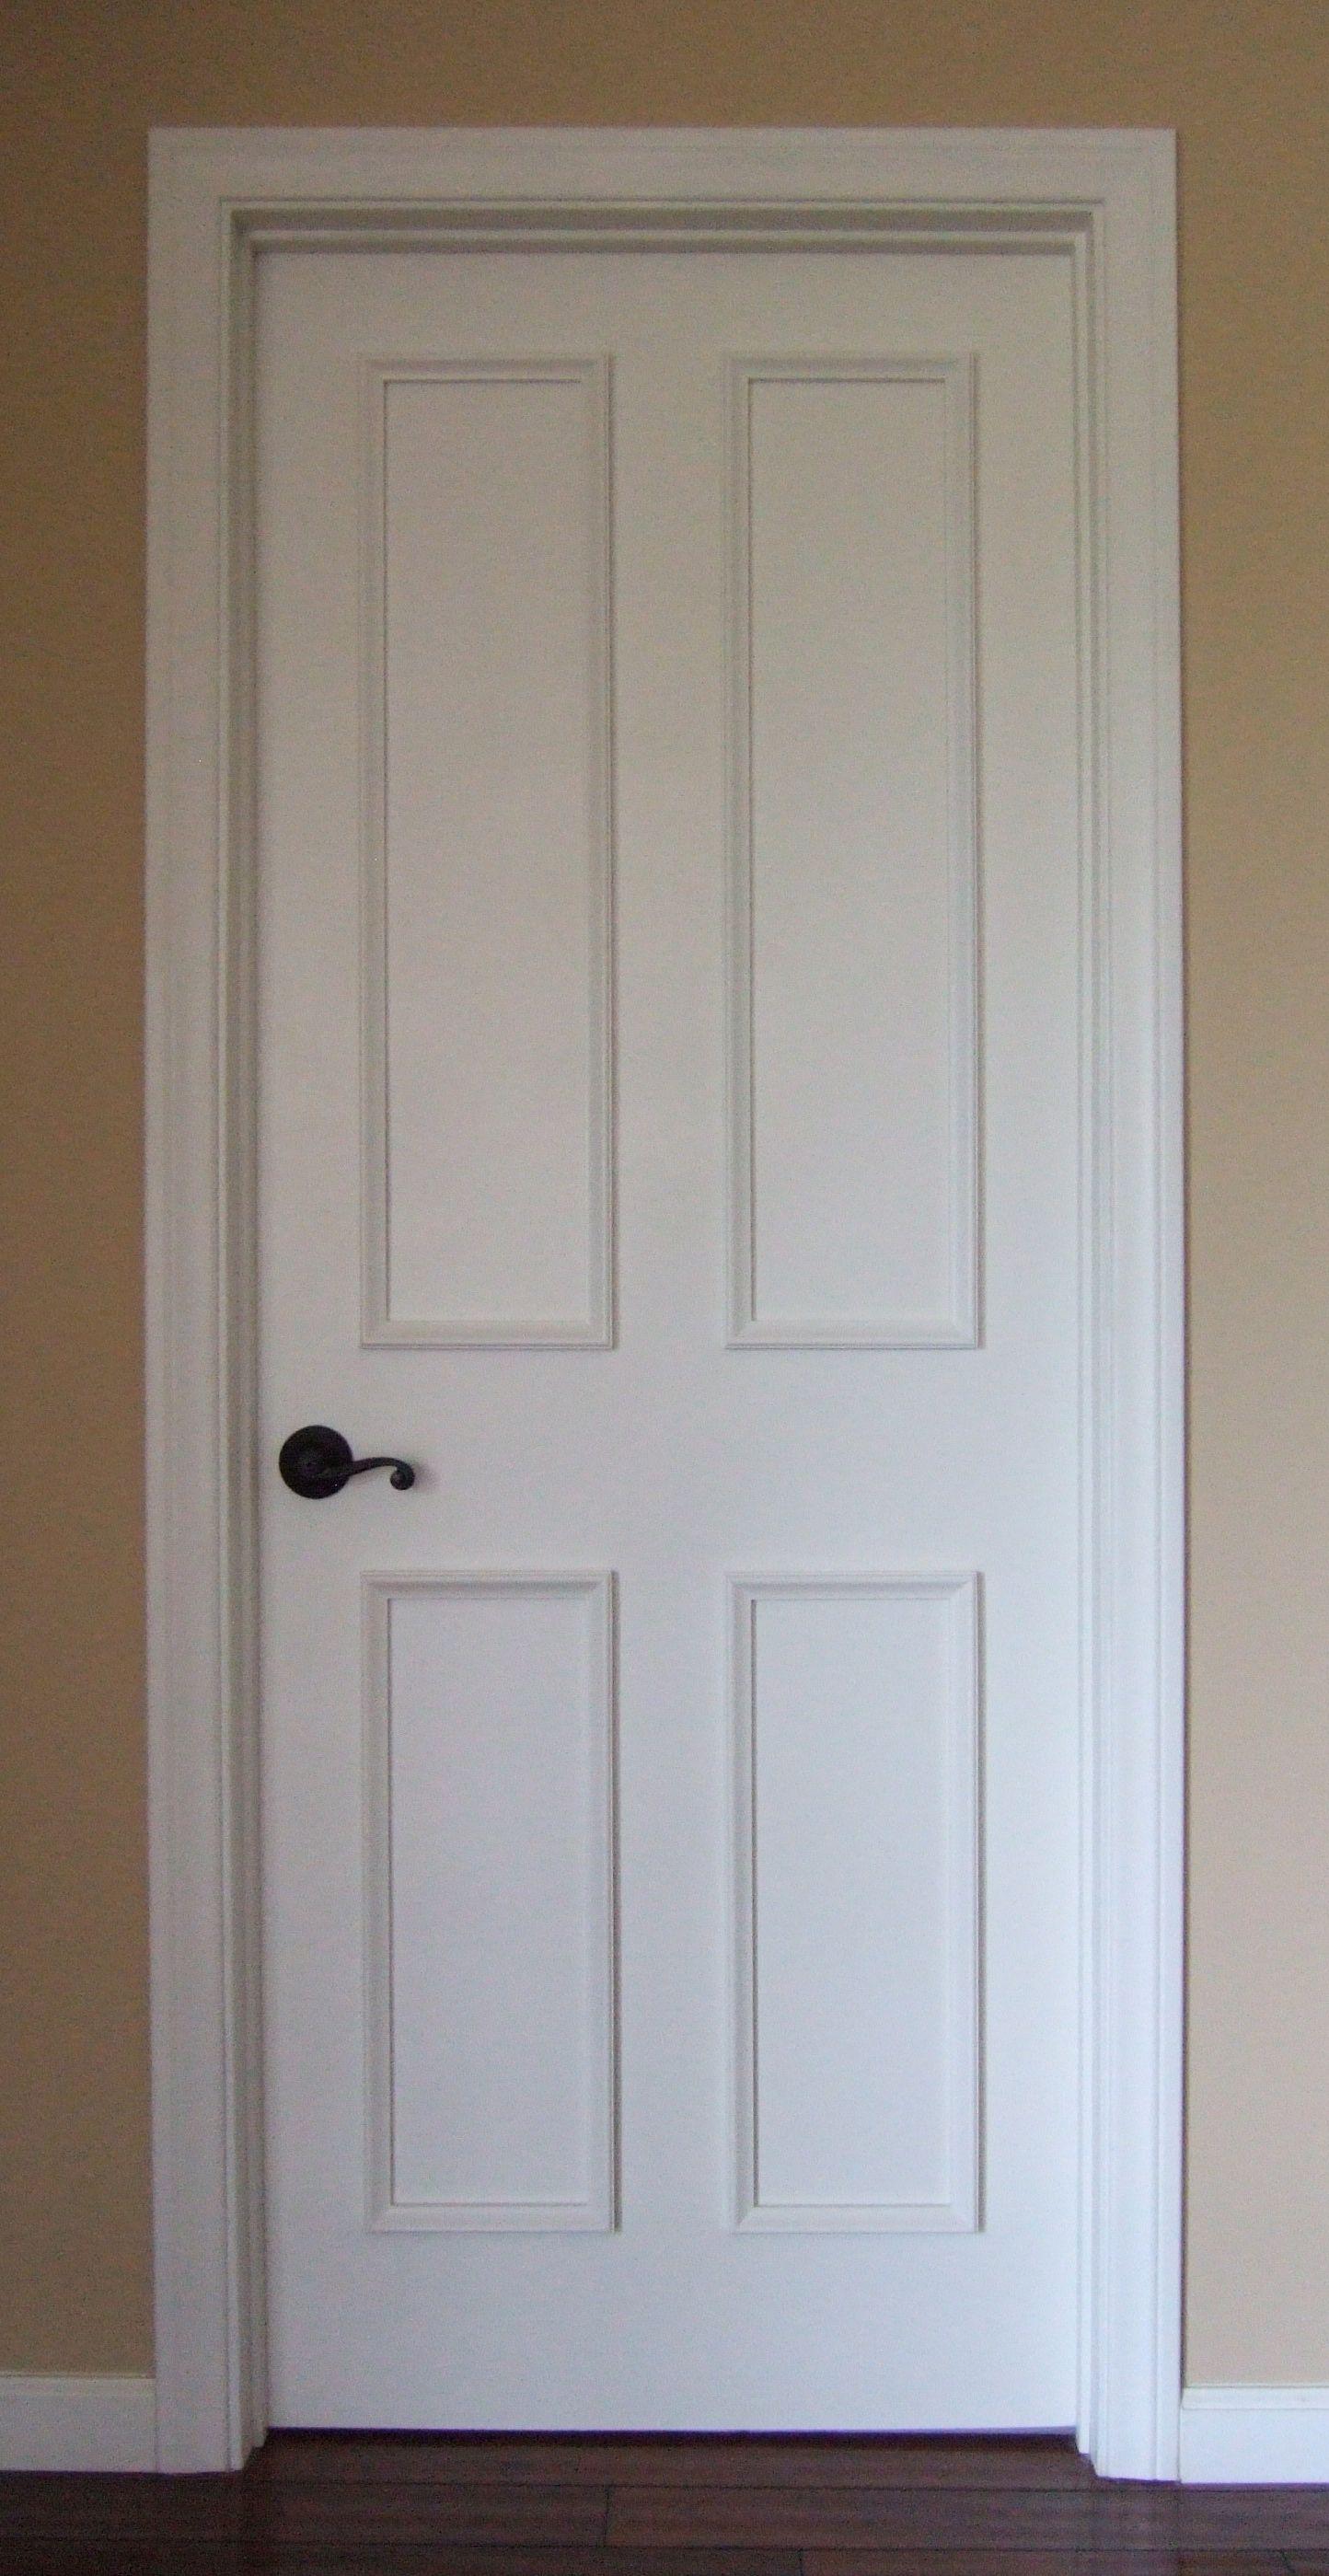 Door moulds fairy door and window moulds set of 8 for Amazon uk fairy doors